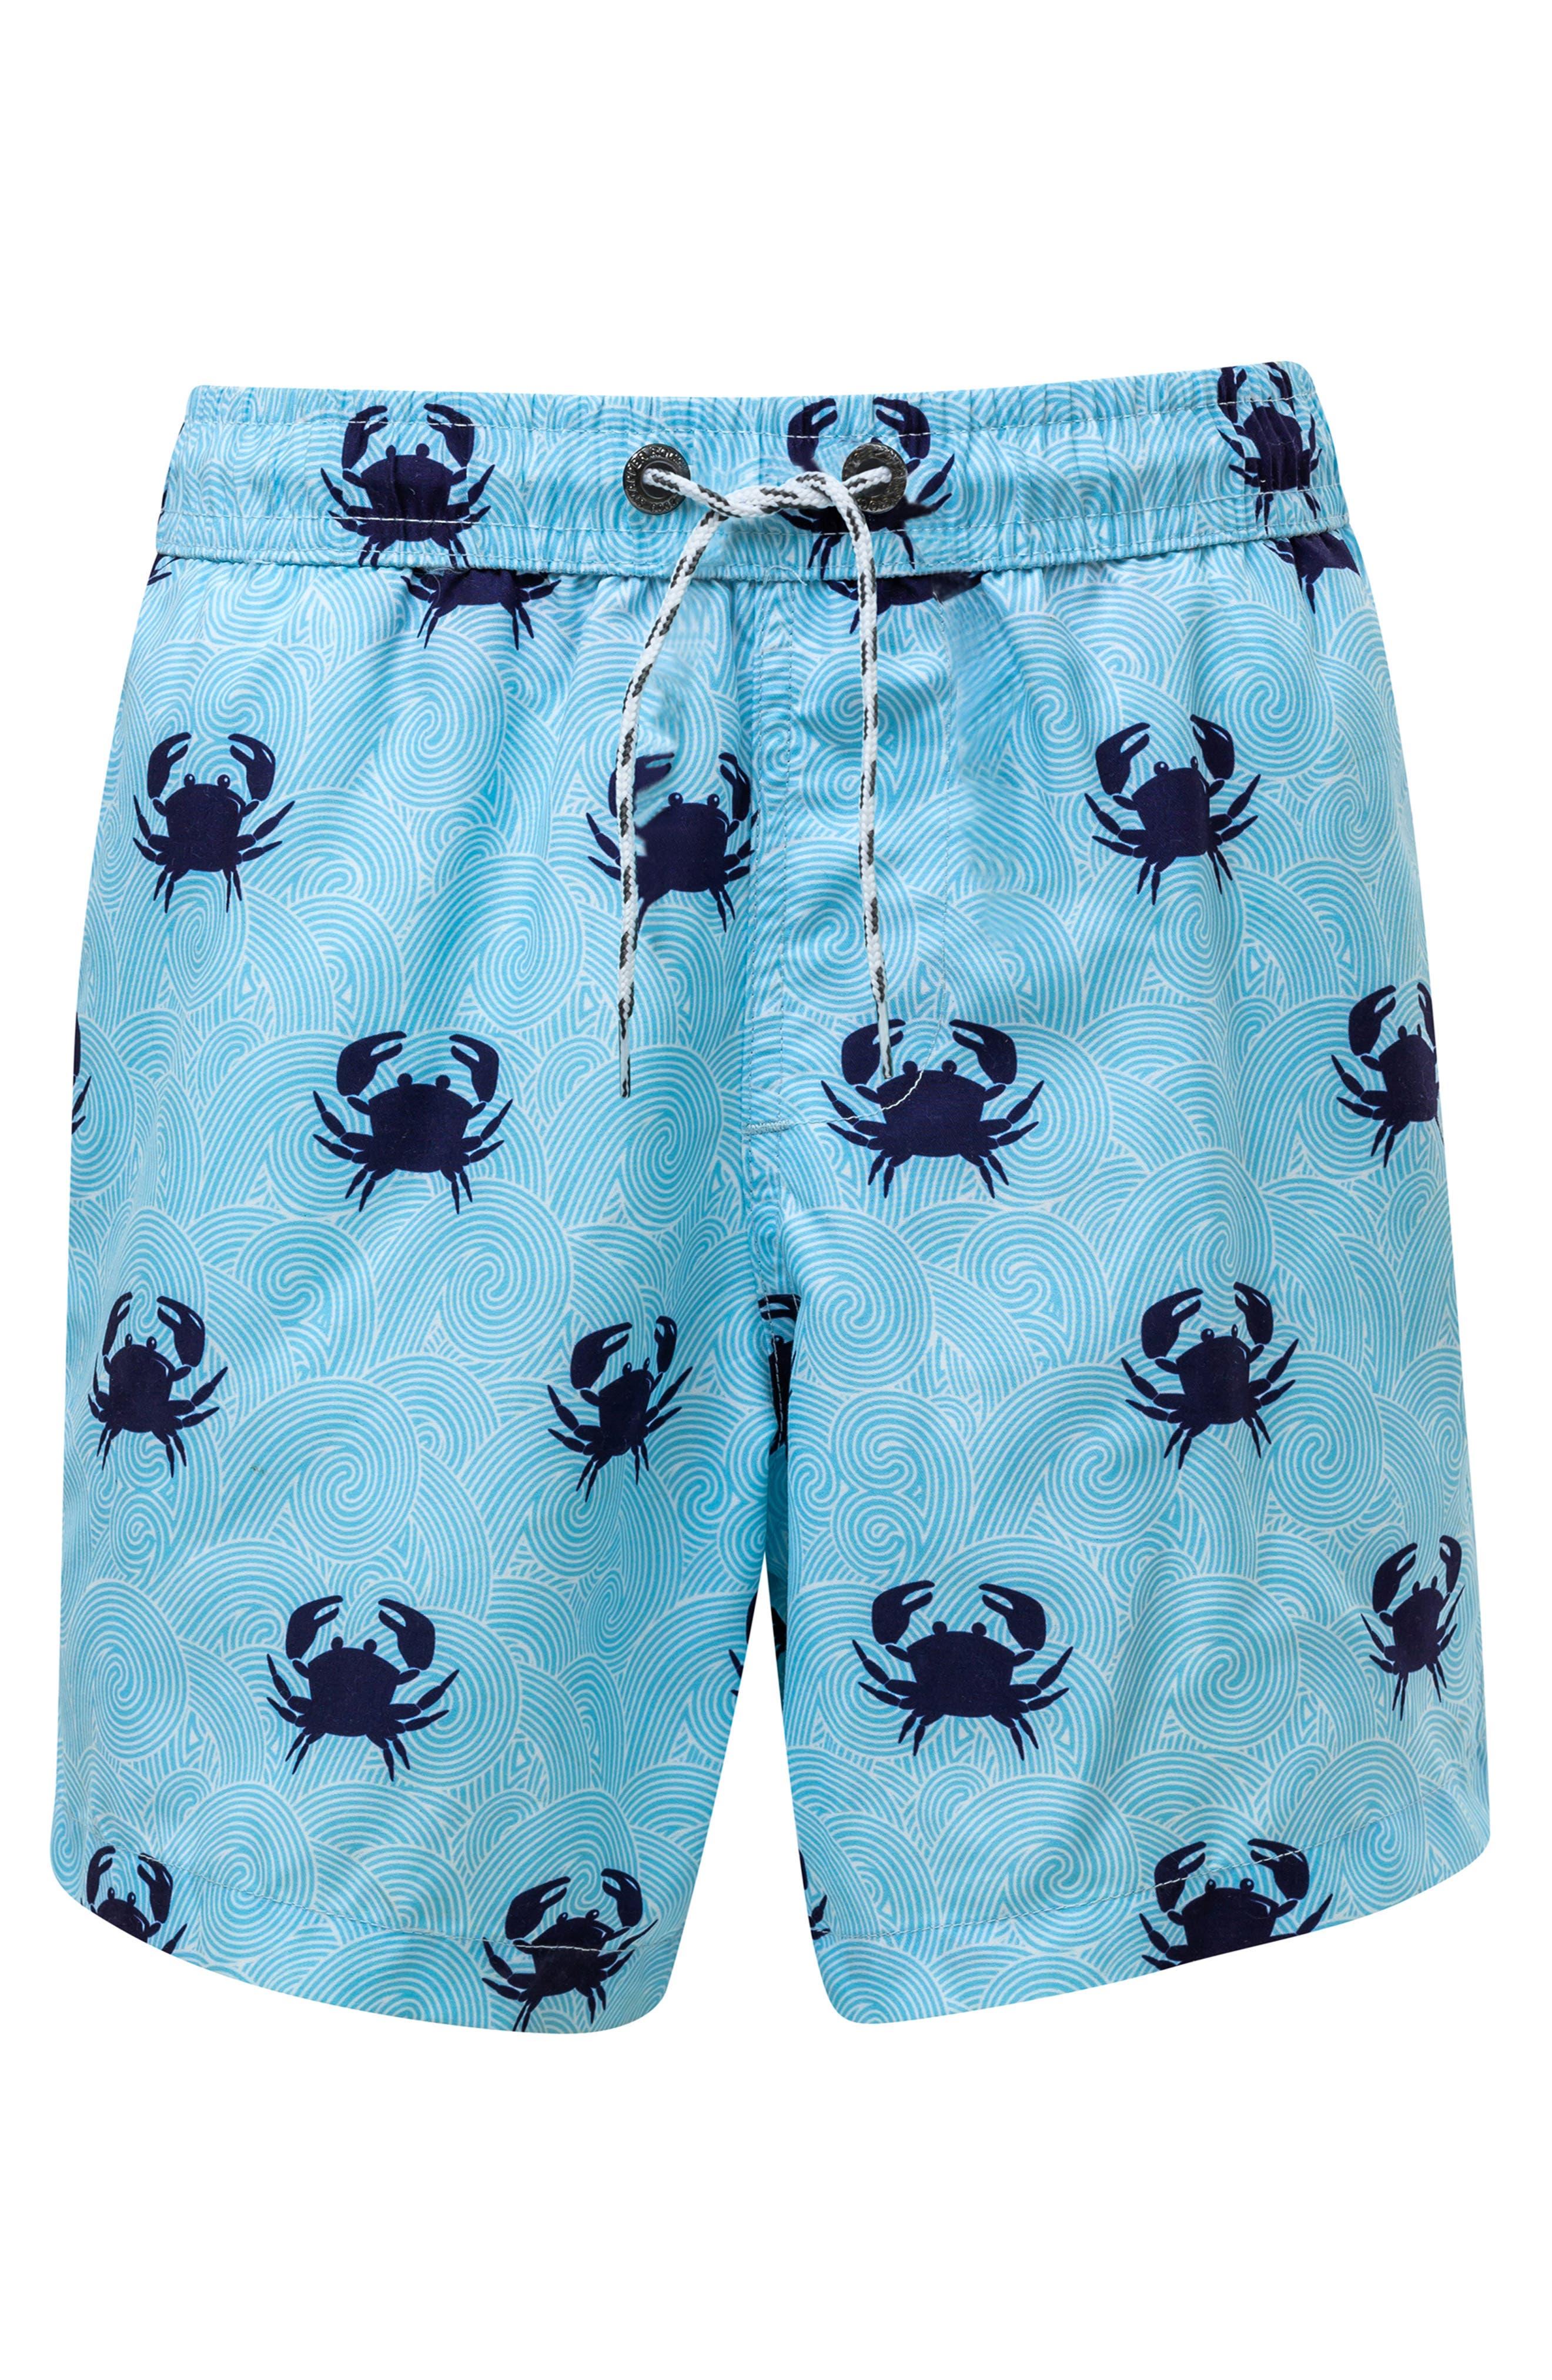 Blue Crab Swim Trunks,                             Main thumbnail 1, color,                             LIGHT PASTEL BLUE